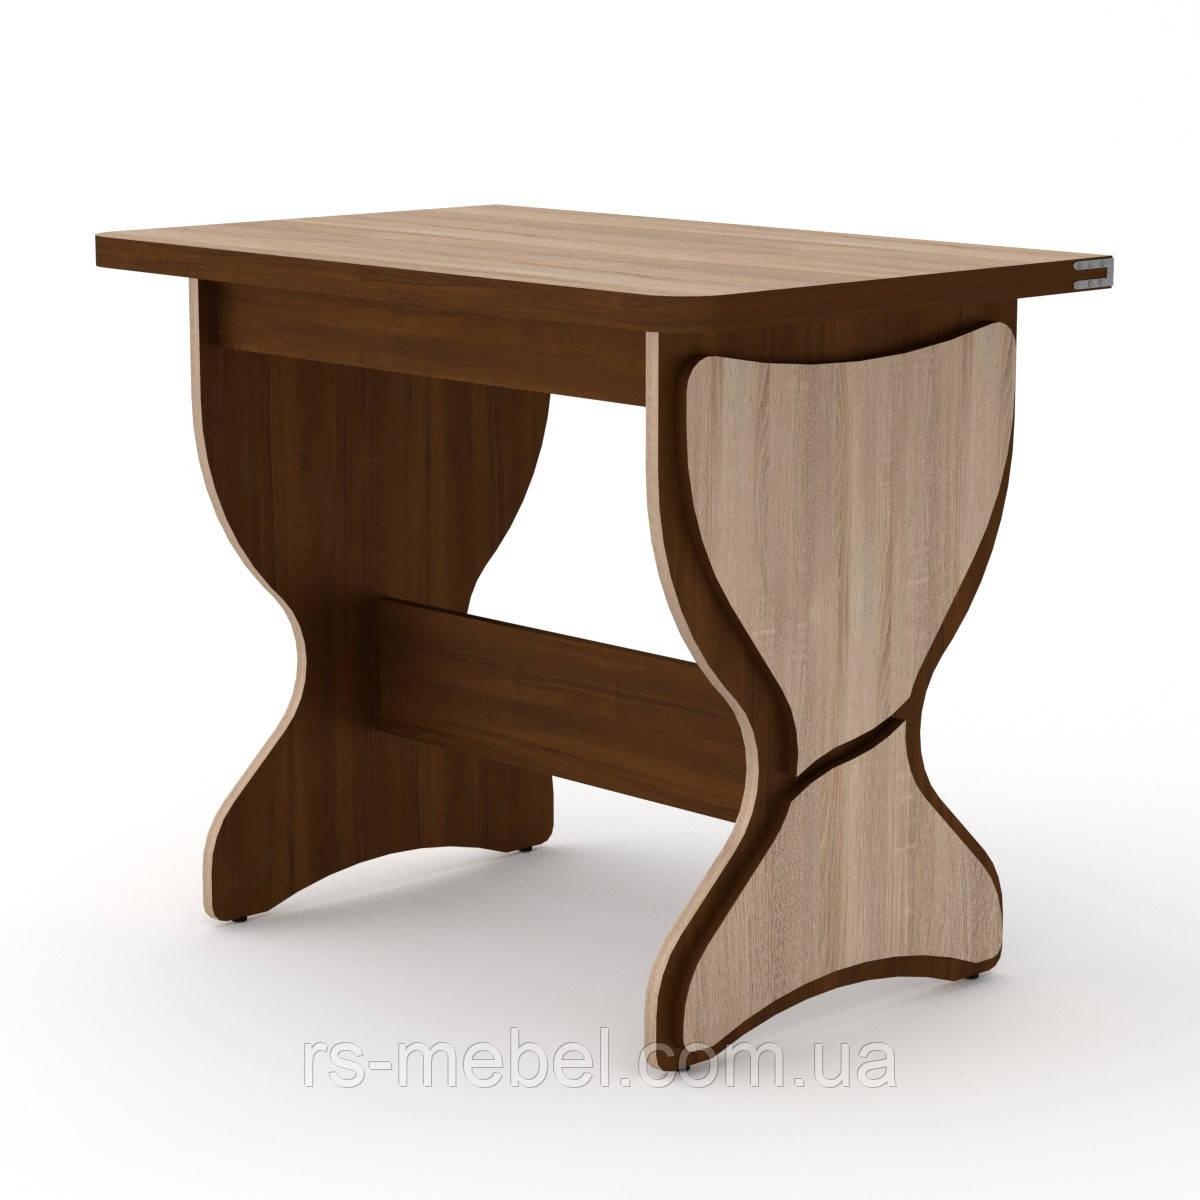 Стол кухонный раскладной КС-4 (Компанит)